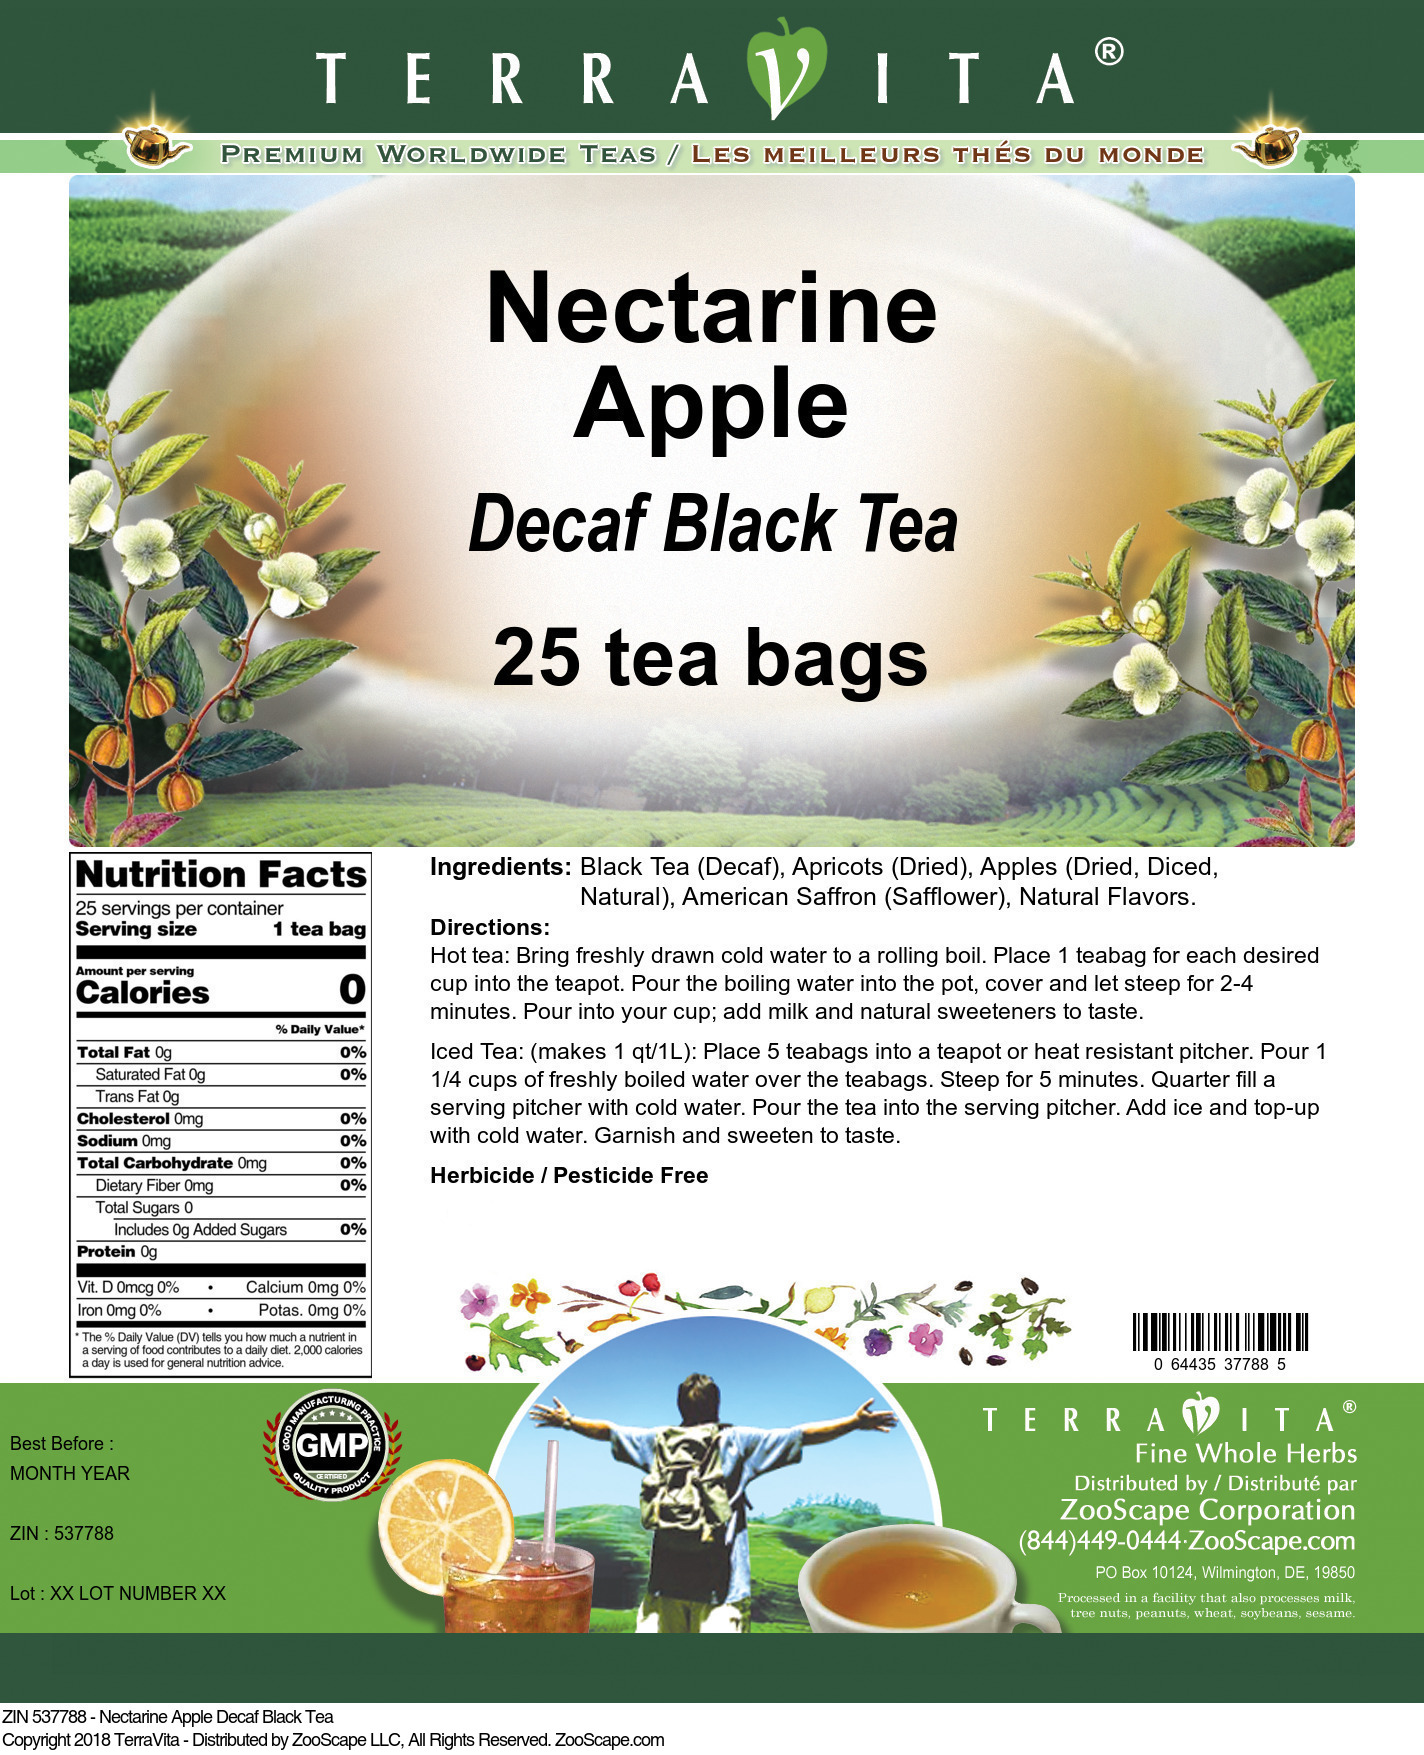 Nectarine Apple Decaf Black Tea